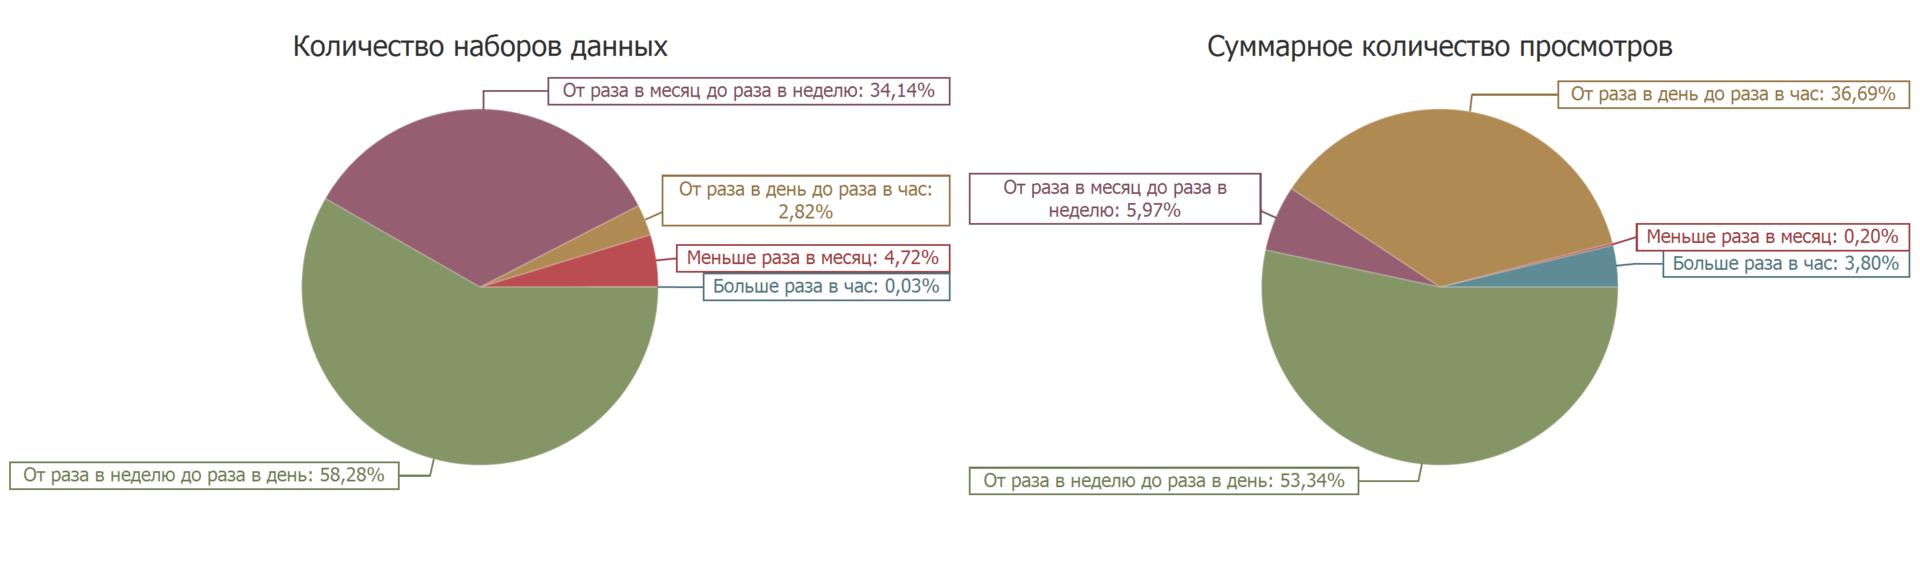 Количество просмотров наборов открытых данных с портала data.gov.ru в месяц. Диаграмма